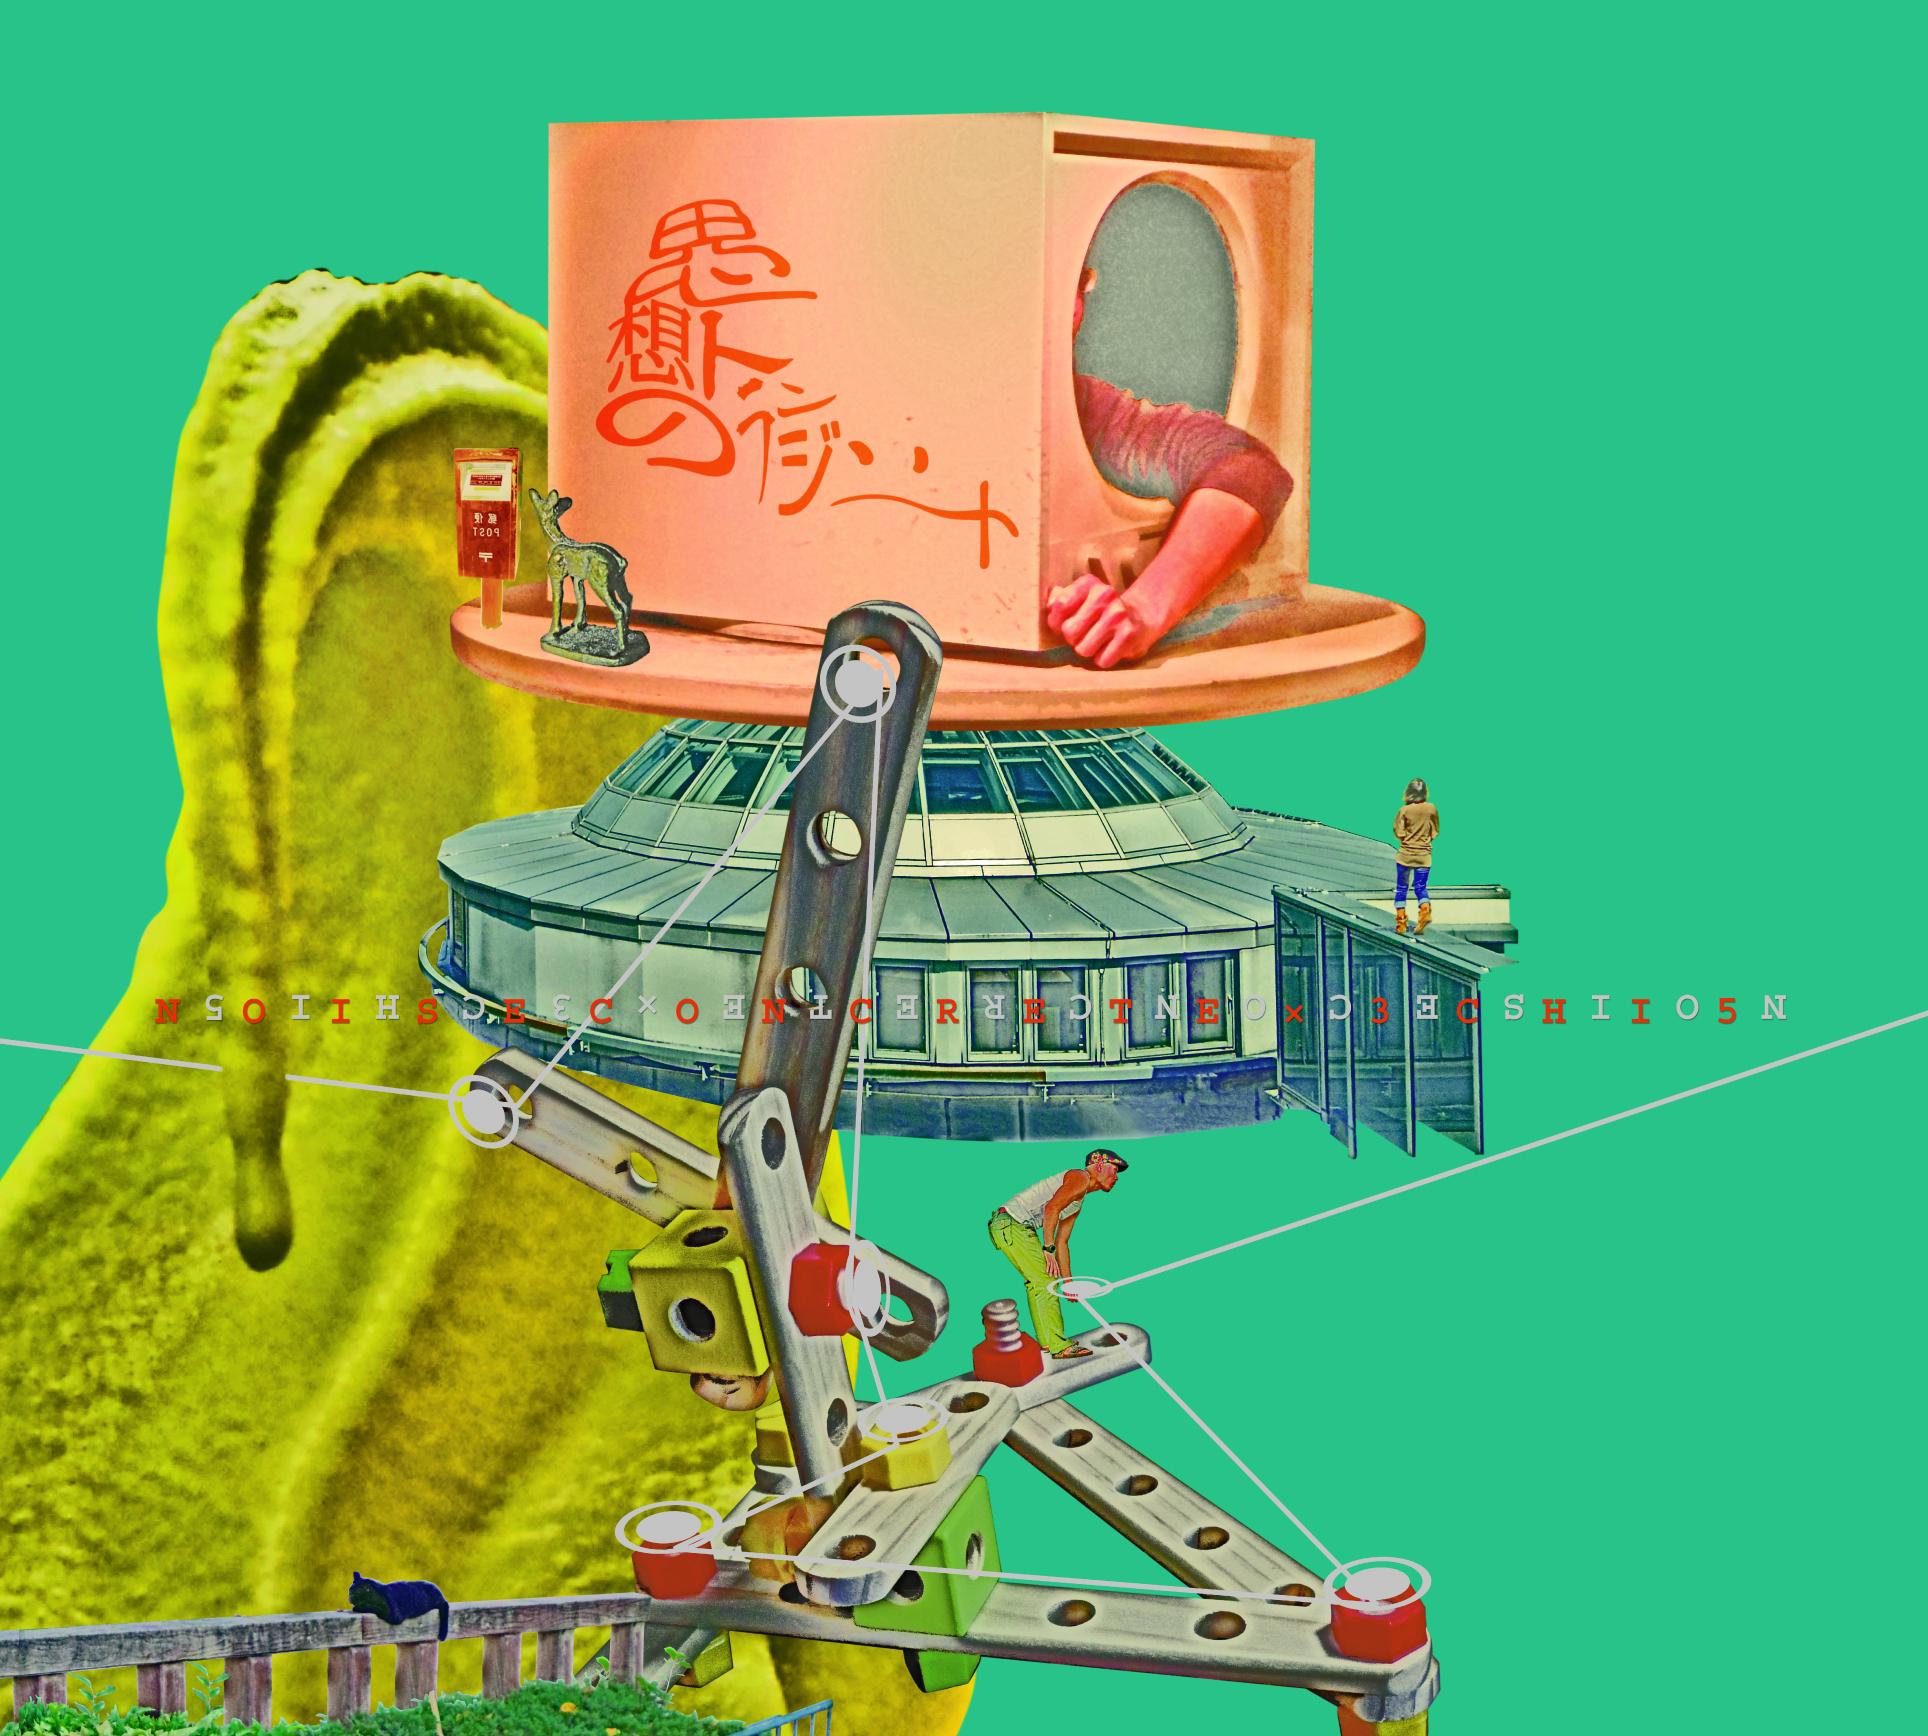 NOISECONCRETE×3CHI5 - 思想のトランジット  CD - 画像1